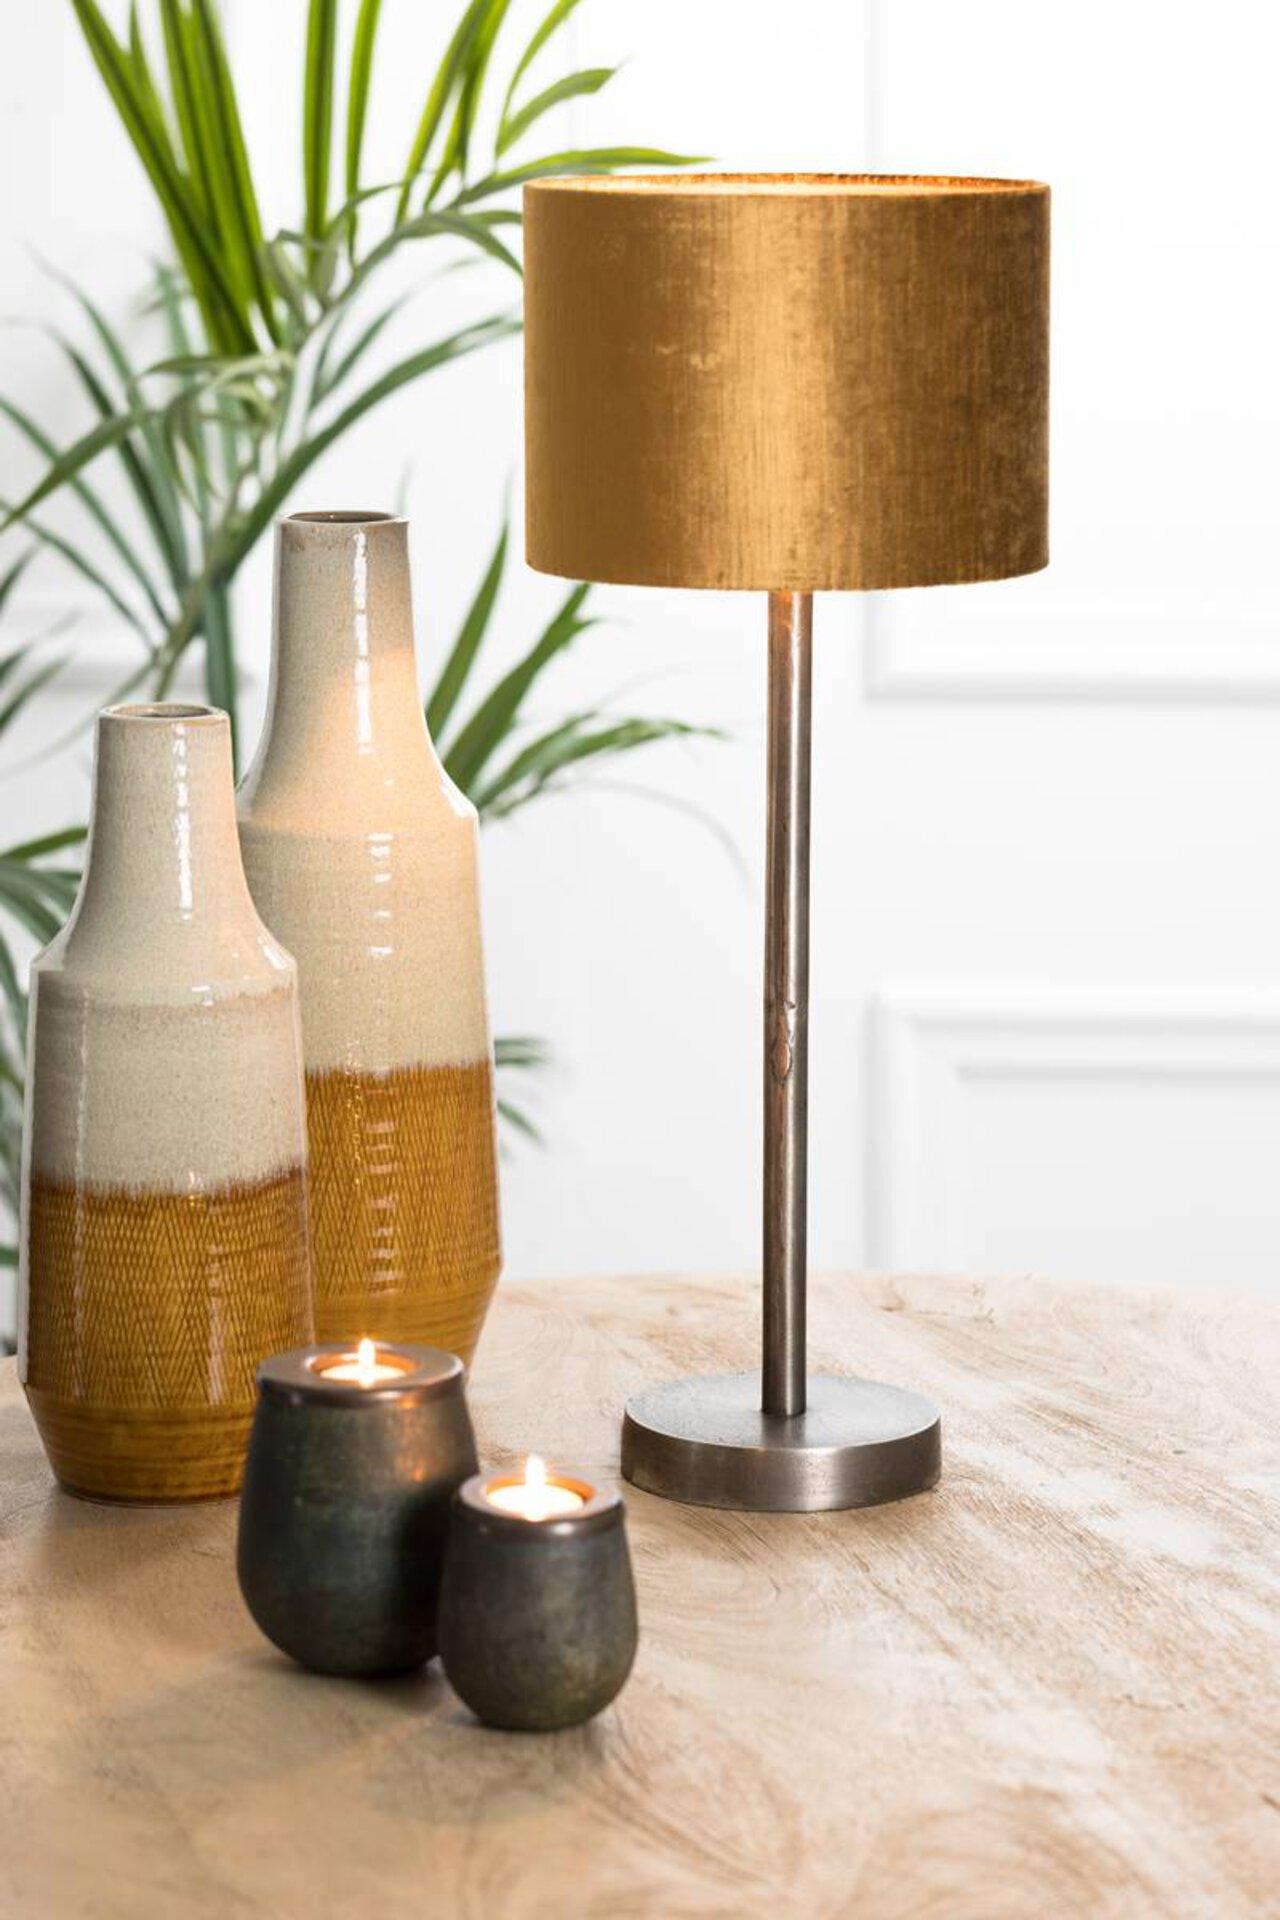 Tischleuchte UNDAI Light & Living Metall 16 x 50 x 16 cm